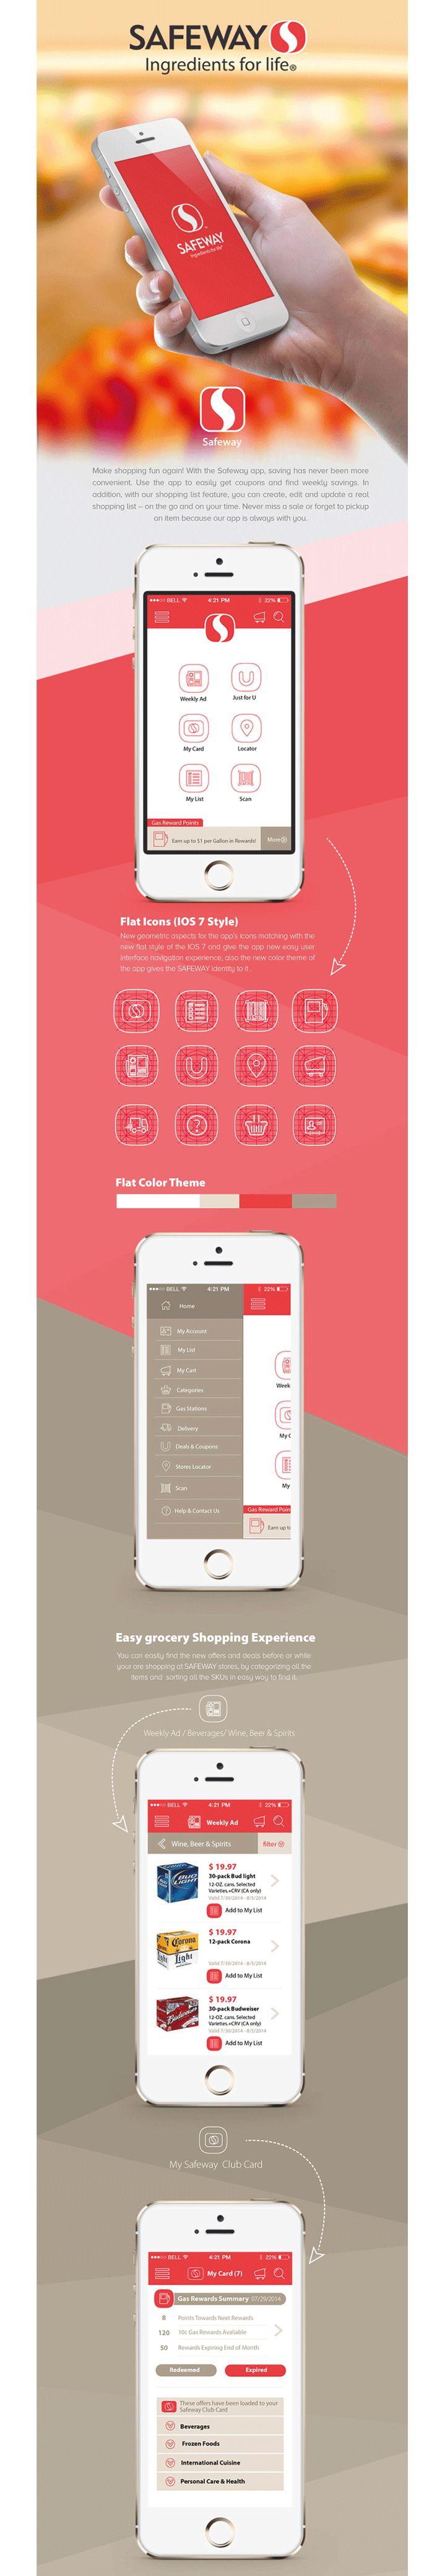 Safeway app new look proposal Markt market geolocalisation app ios iphone restaurant food